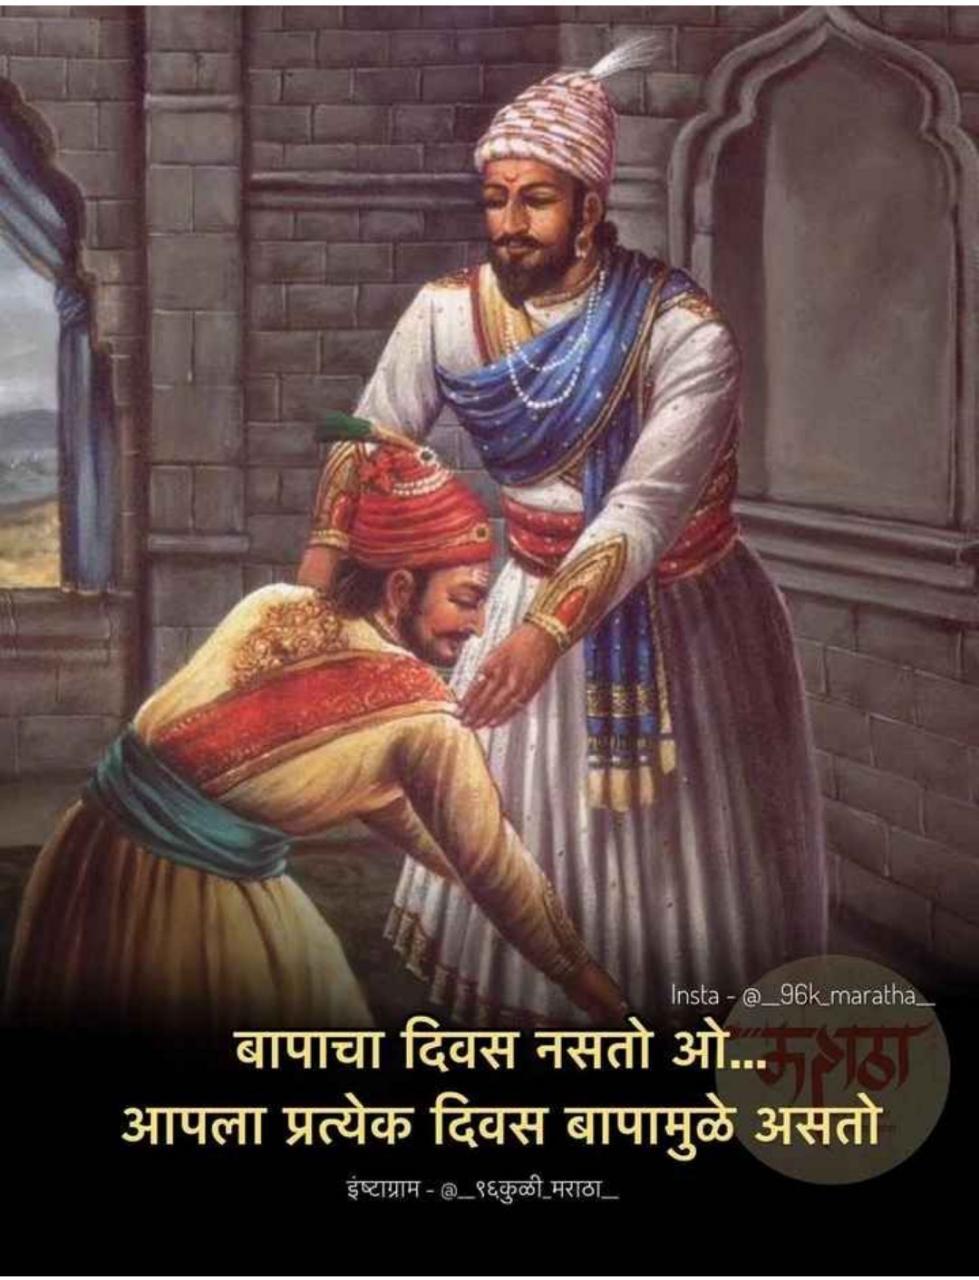 🙏जय शिवराय🙏 - Insta - @ _ 96k _ maratha _ बापाचा दिवस नसतो ओ . . . आपला प्रत्येक दिवस बापामुळे असतो इंष्टाग्राम - Gl _ ९६कुळी मराठा - ShareChat